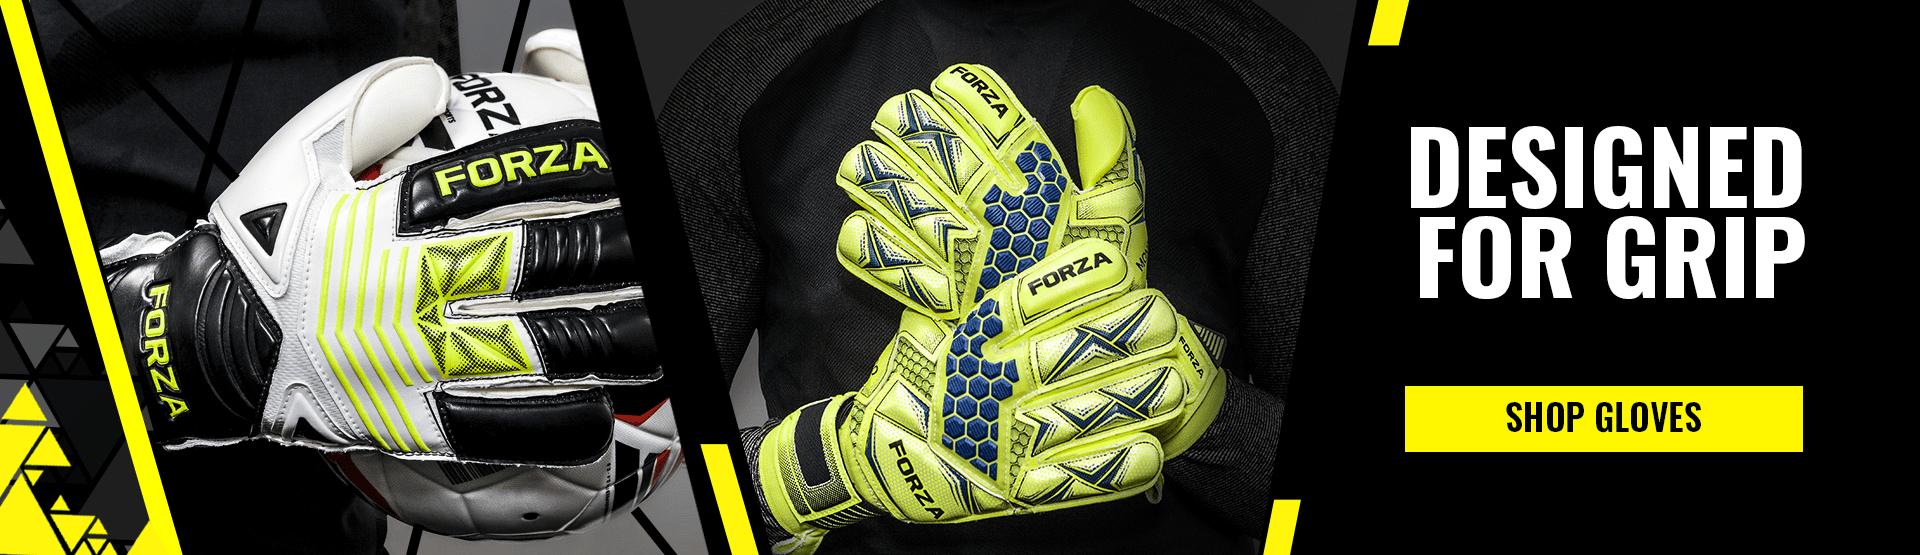 Goalkeeping - Shop Gloves